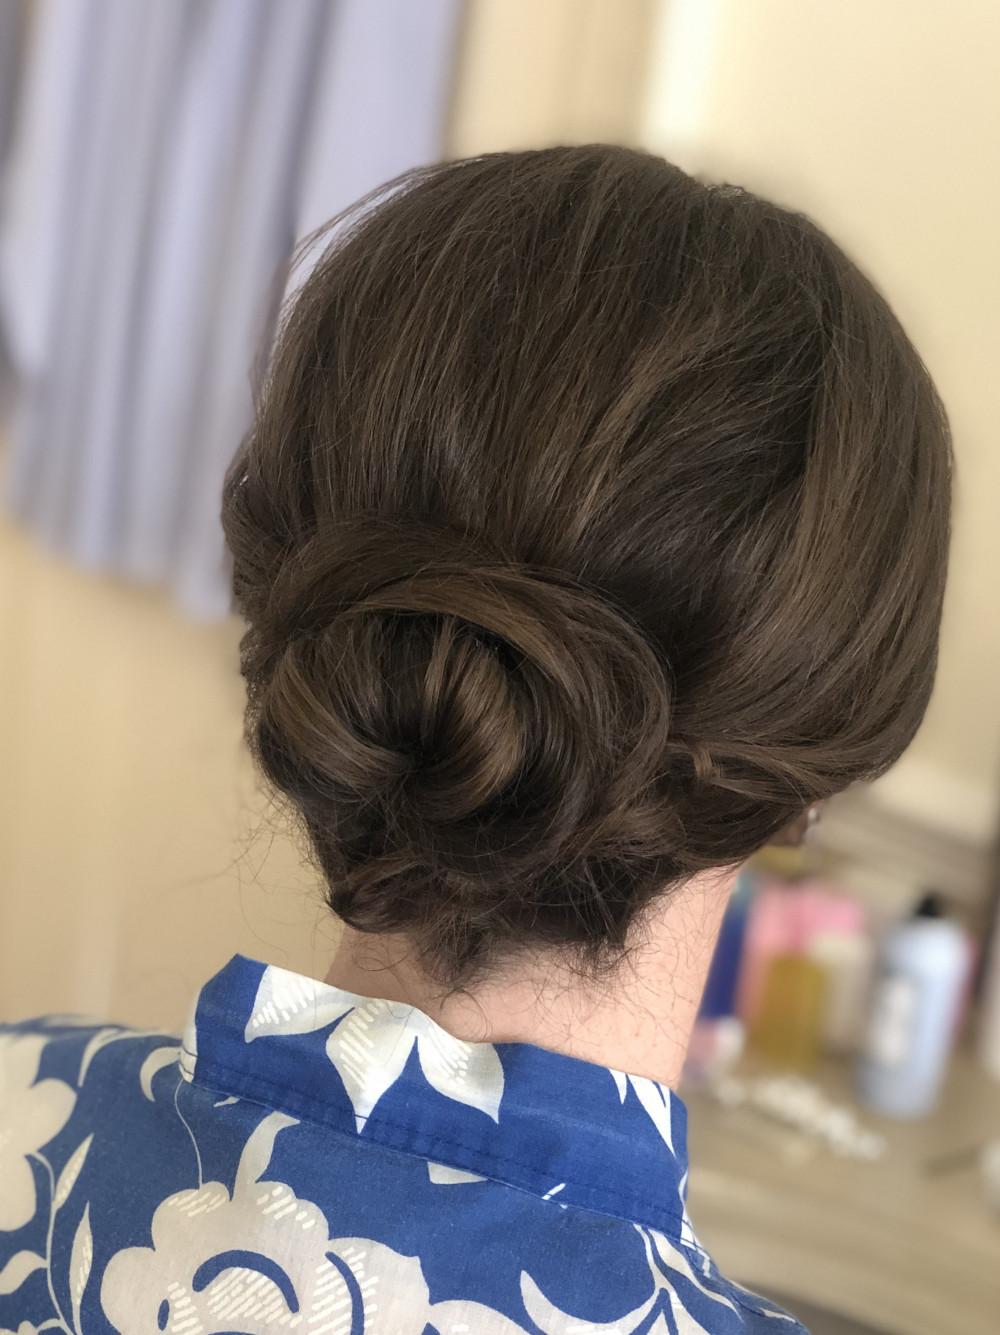 Bridal Rose Inspired Updo  - Make Me Bridal Artist: Sarah Clarke Makeup Artist .